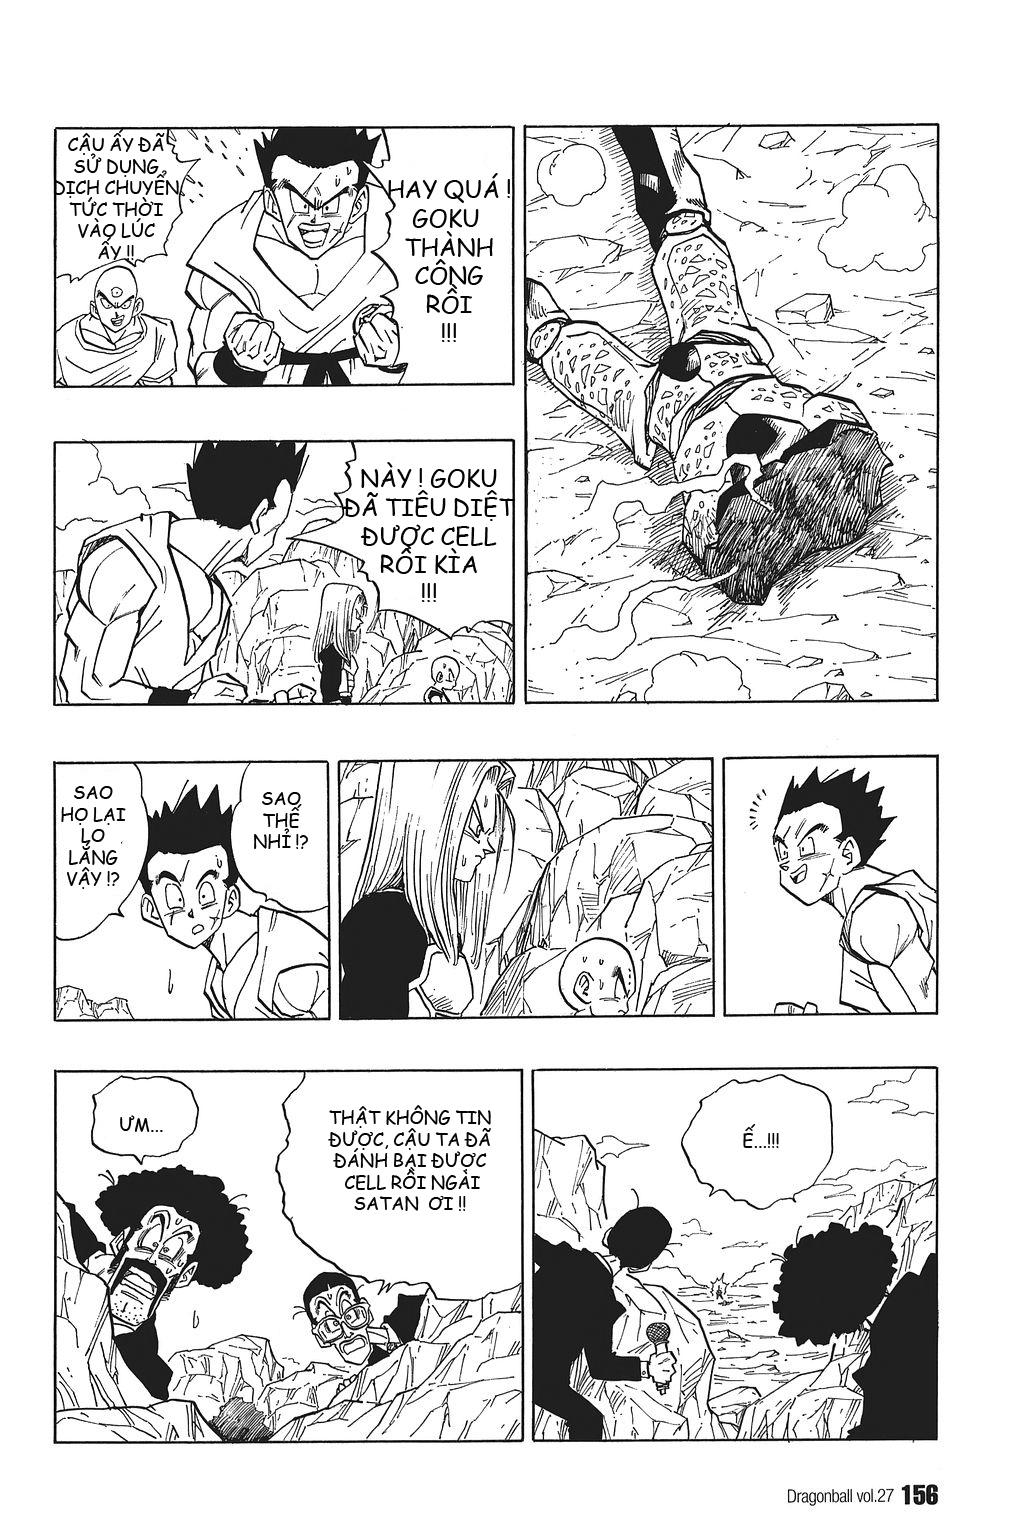 xem truyen moi - Dragon Ball Bản Vip - Bản Đẹp Nguyên Gốc Chap 401